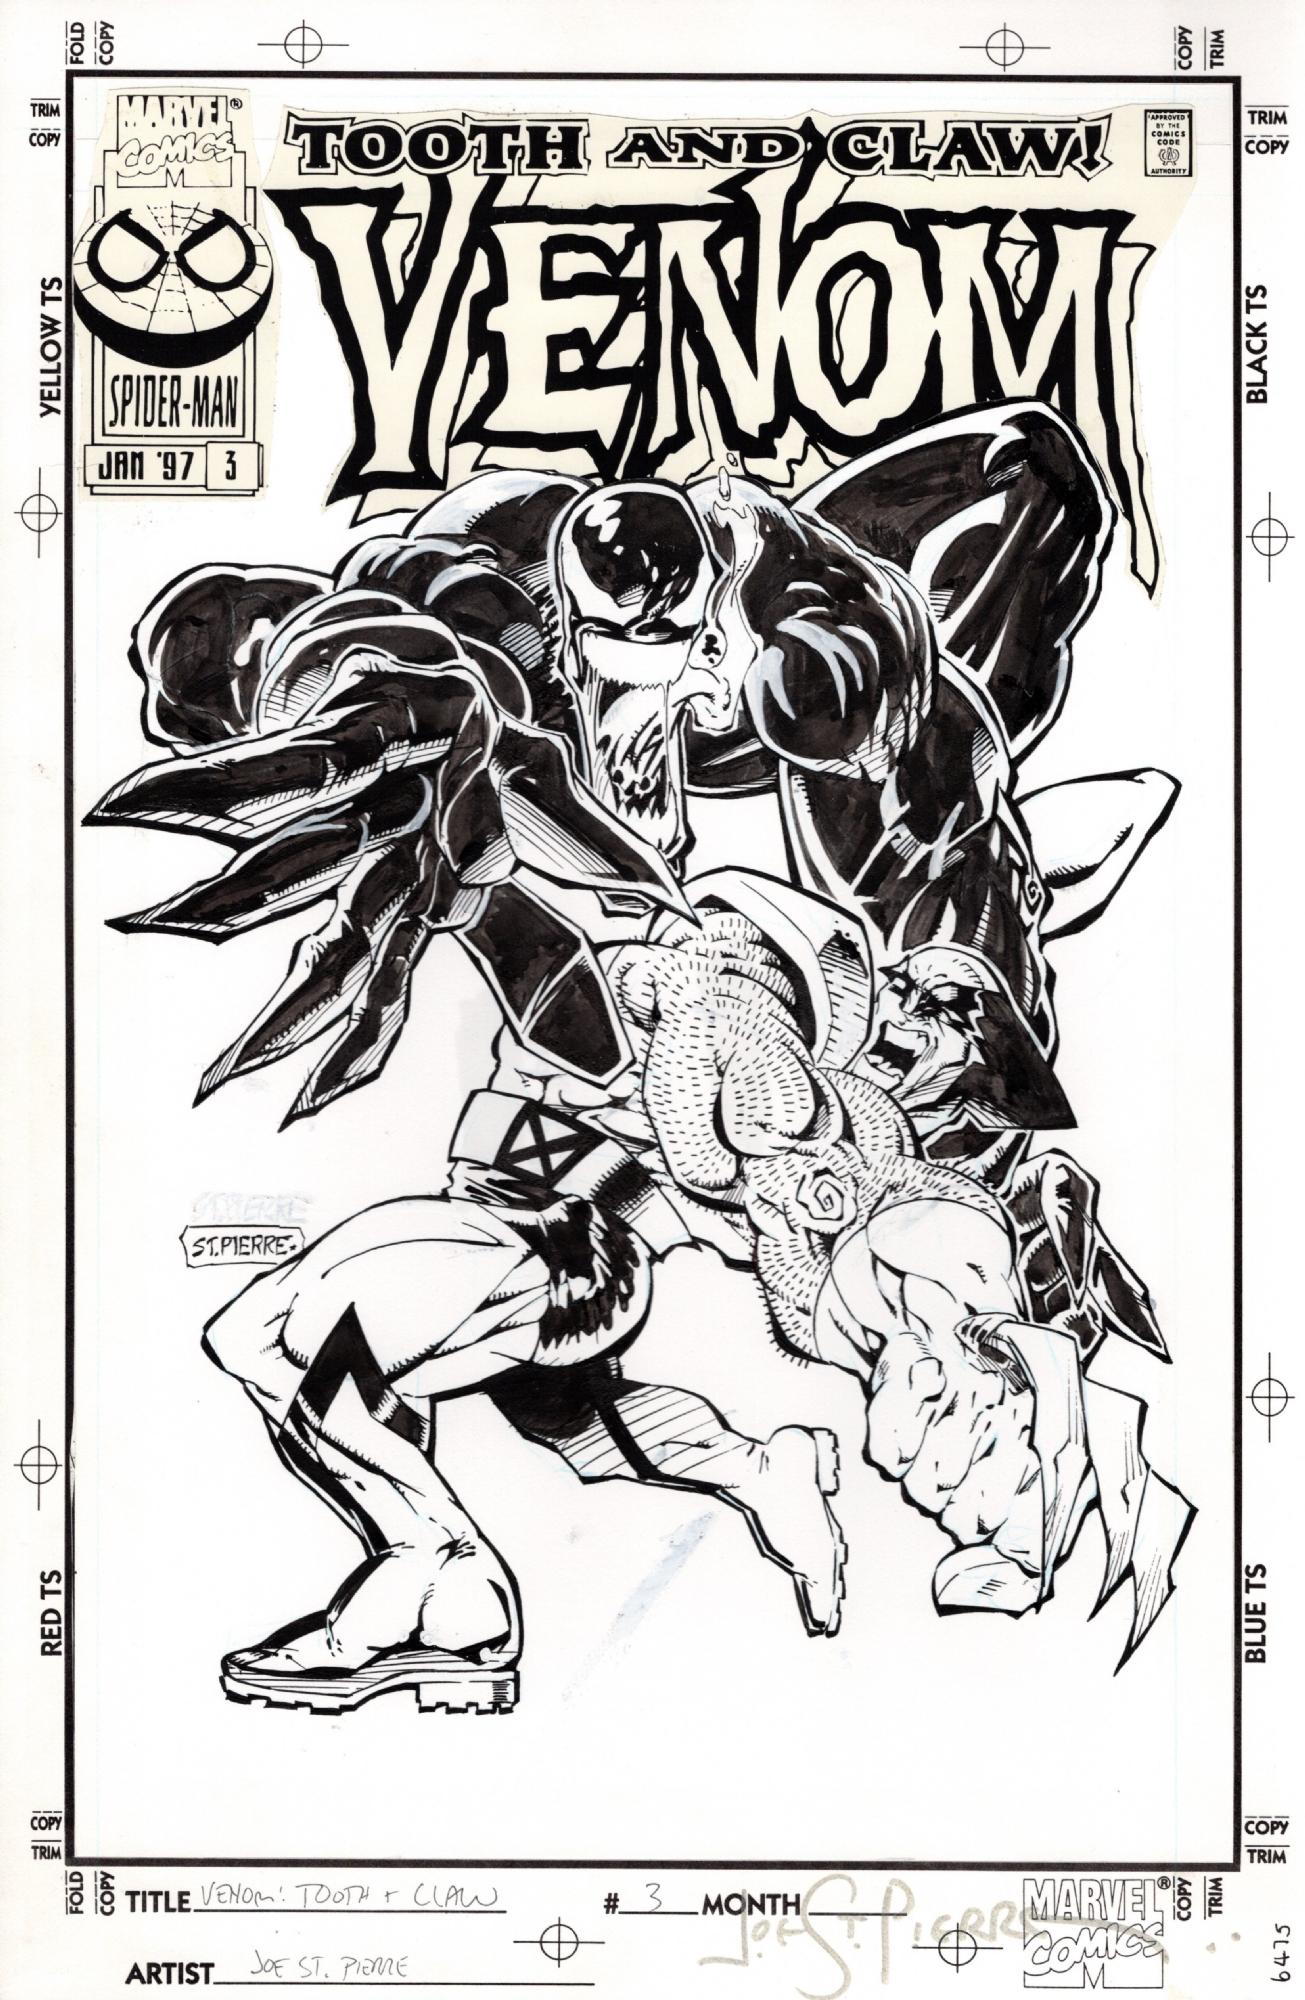 Venom: Tooth and Claw #3 COVER, 1997 -- VENOM vs WOLVERINE